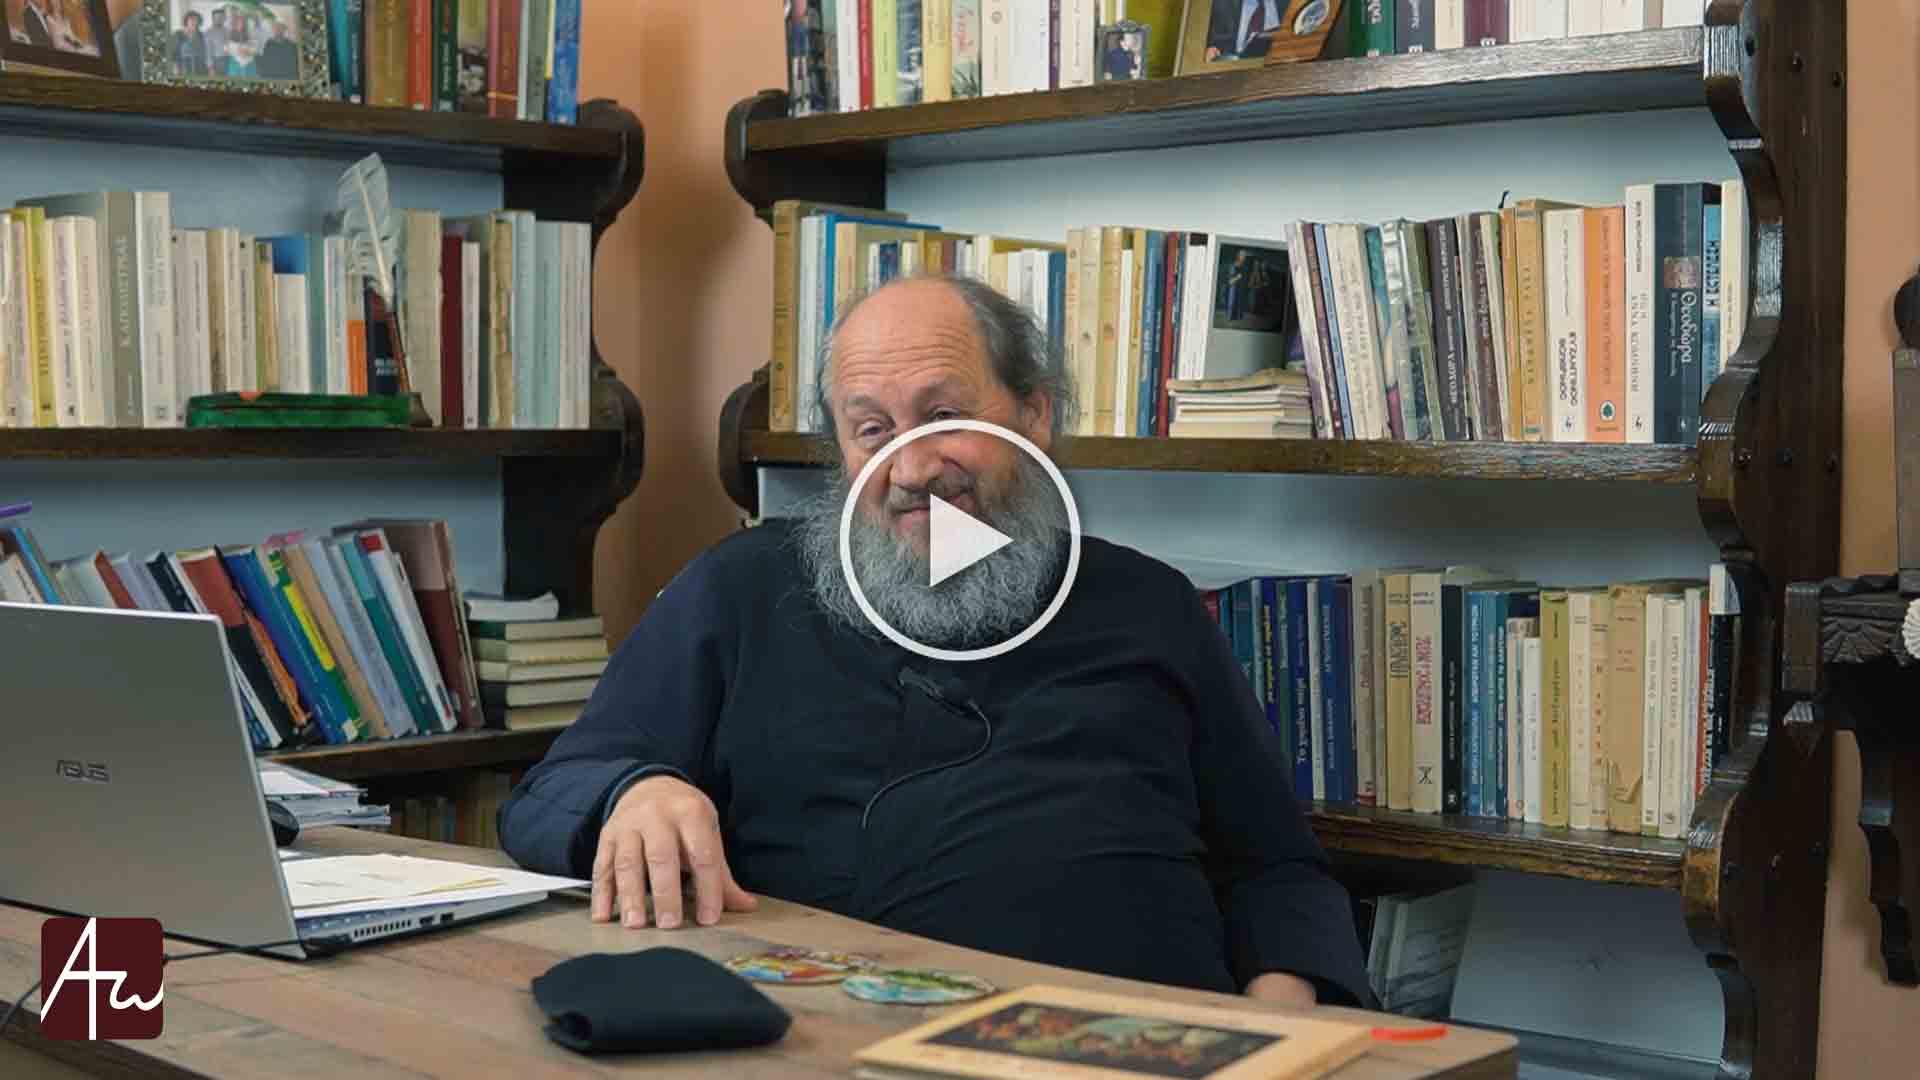 Οσία Μαρία η Αιγυπτία: Το πρότυπο της μετανοίας - Θεολογικός Λόγος - Θεολογία - Απαρχή